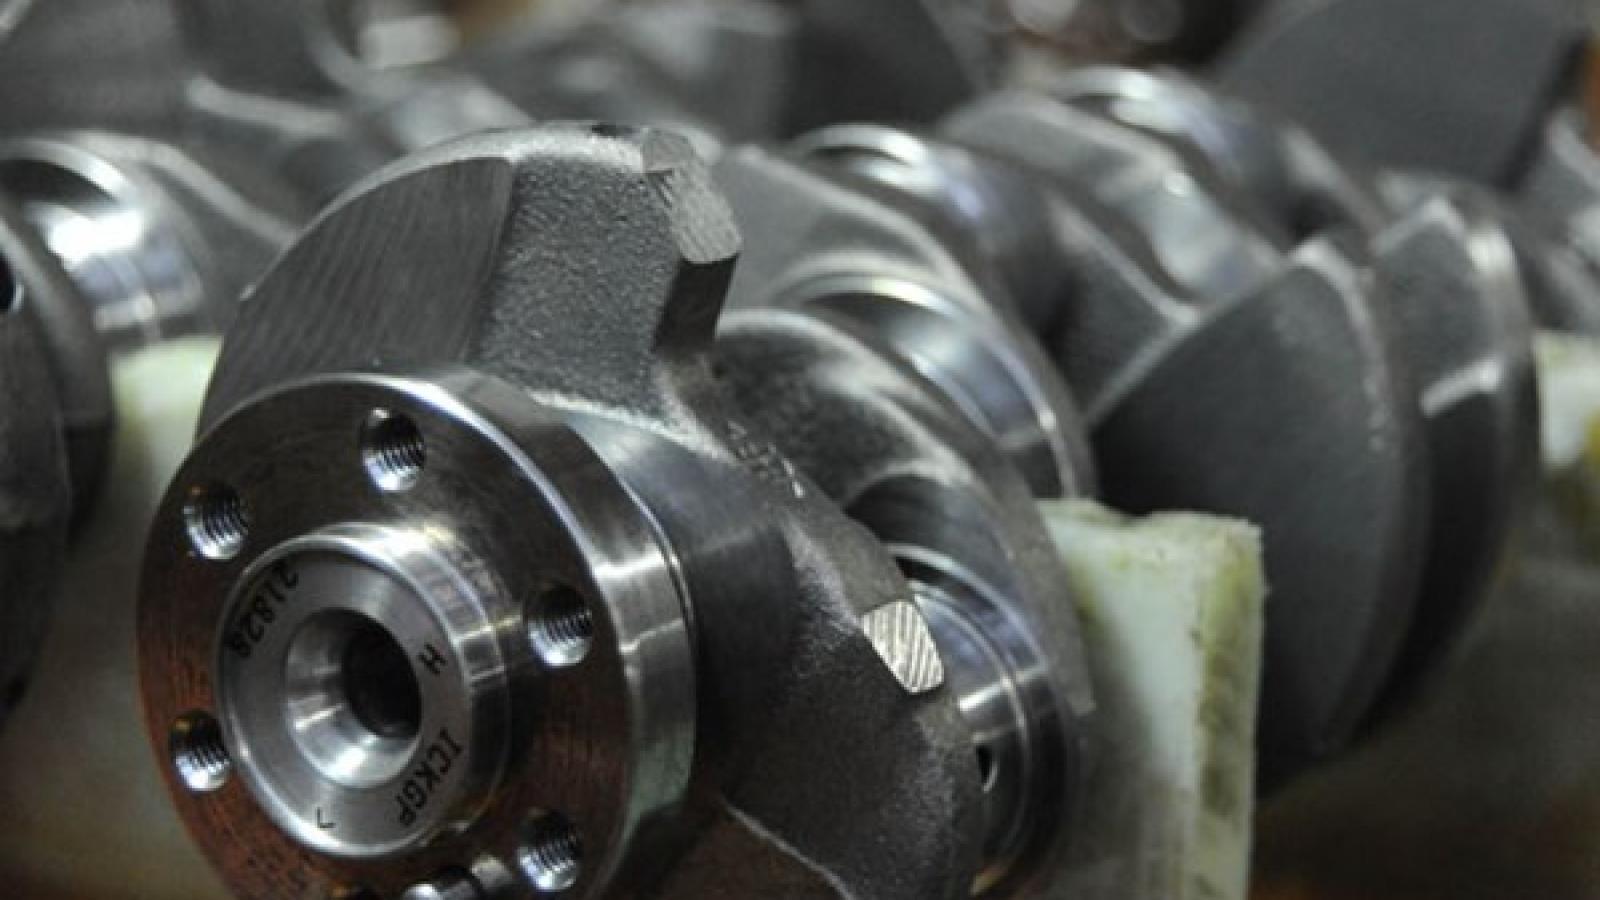 تامین استانداردهای مورد درخواست شرکت های خارجی در تولید قطعات جدید - اجاره خودرو طباطبایی